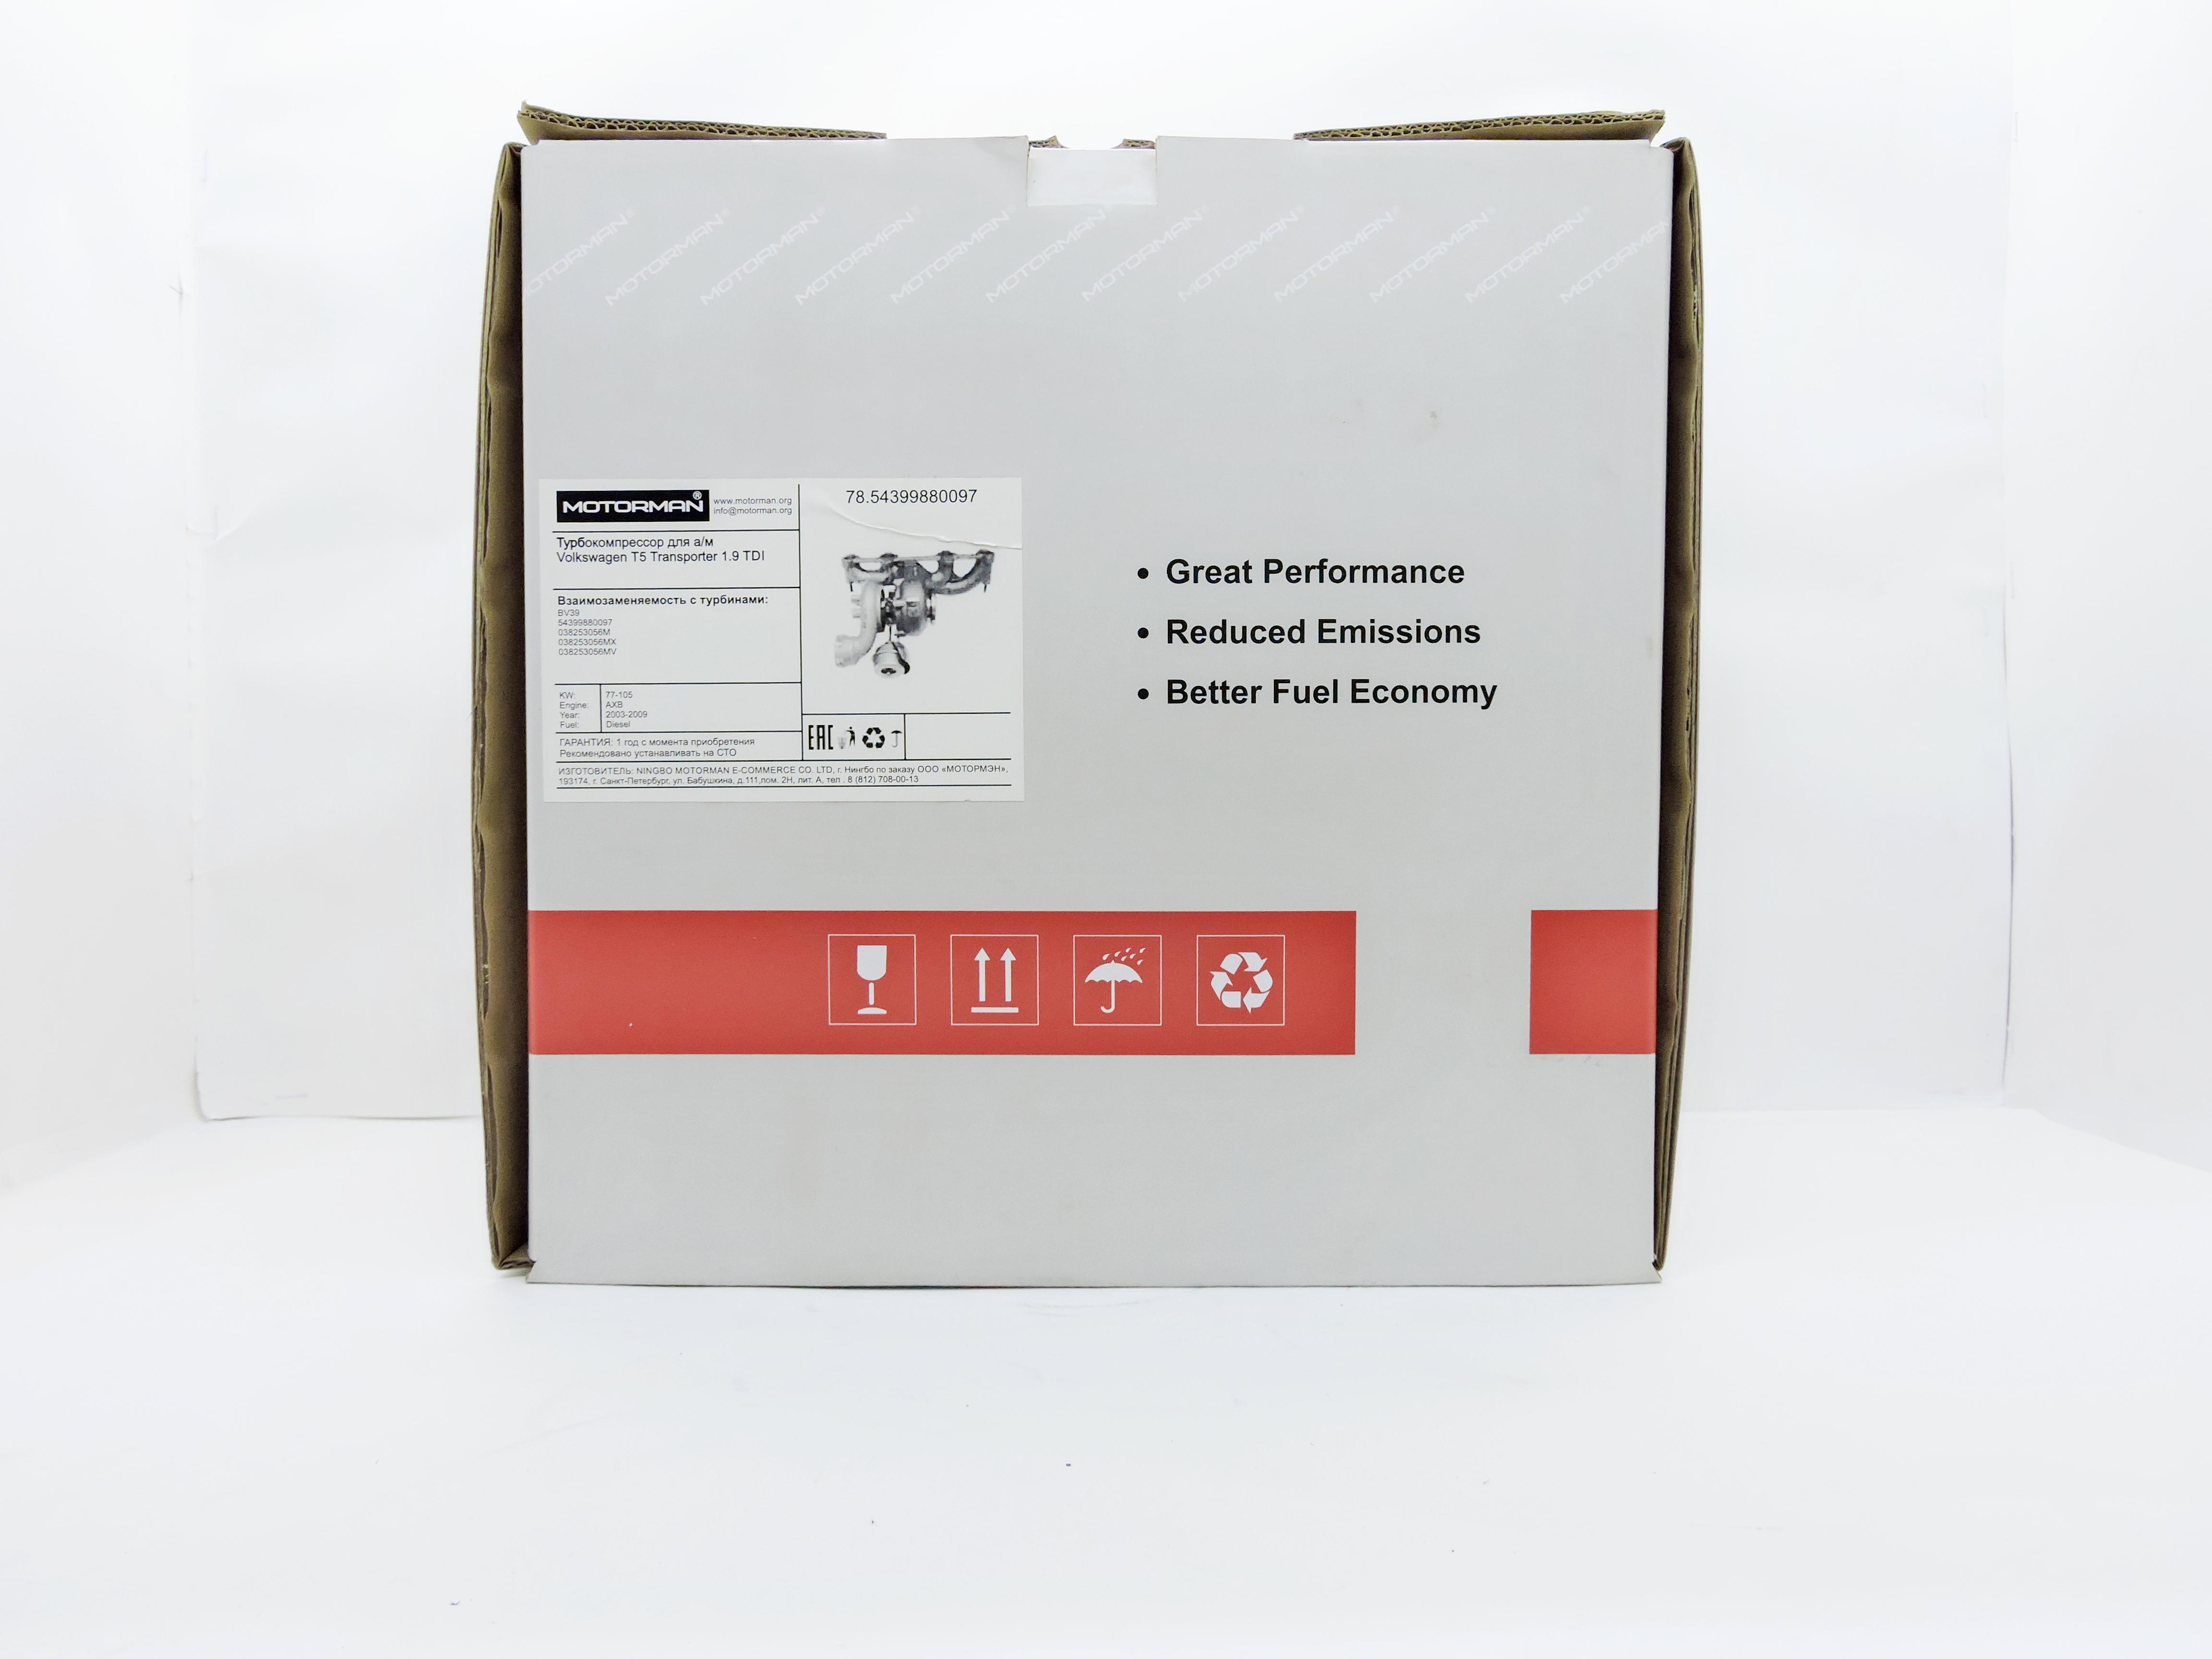 транспортер упаковка